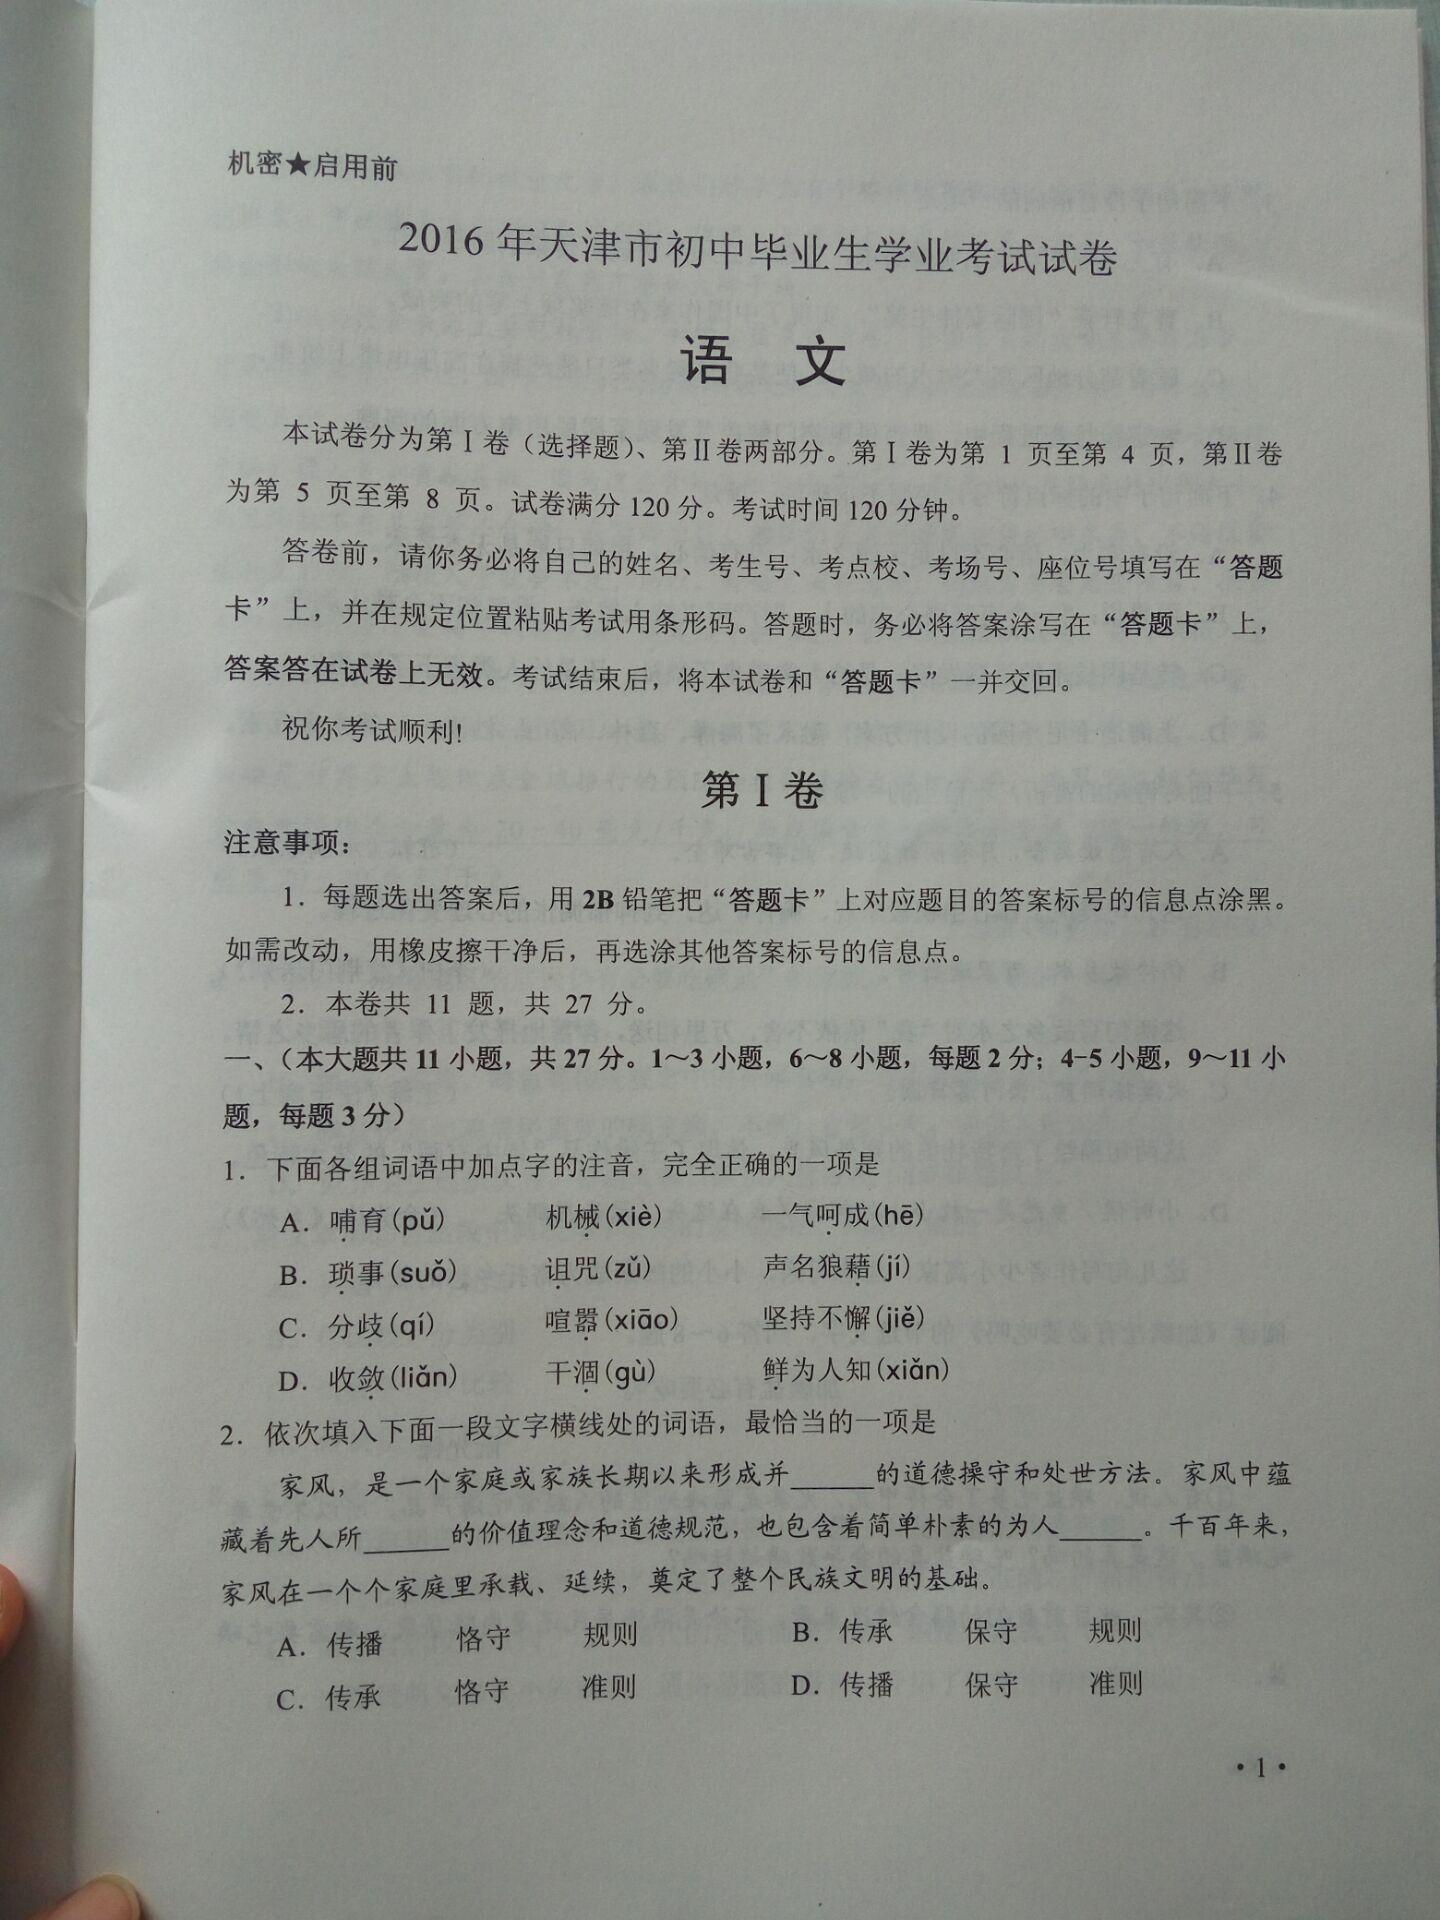 2016天津中考语文试题及答案(图片版)